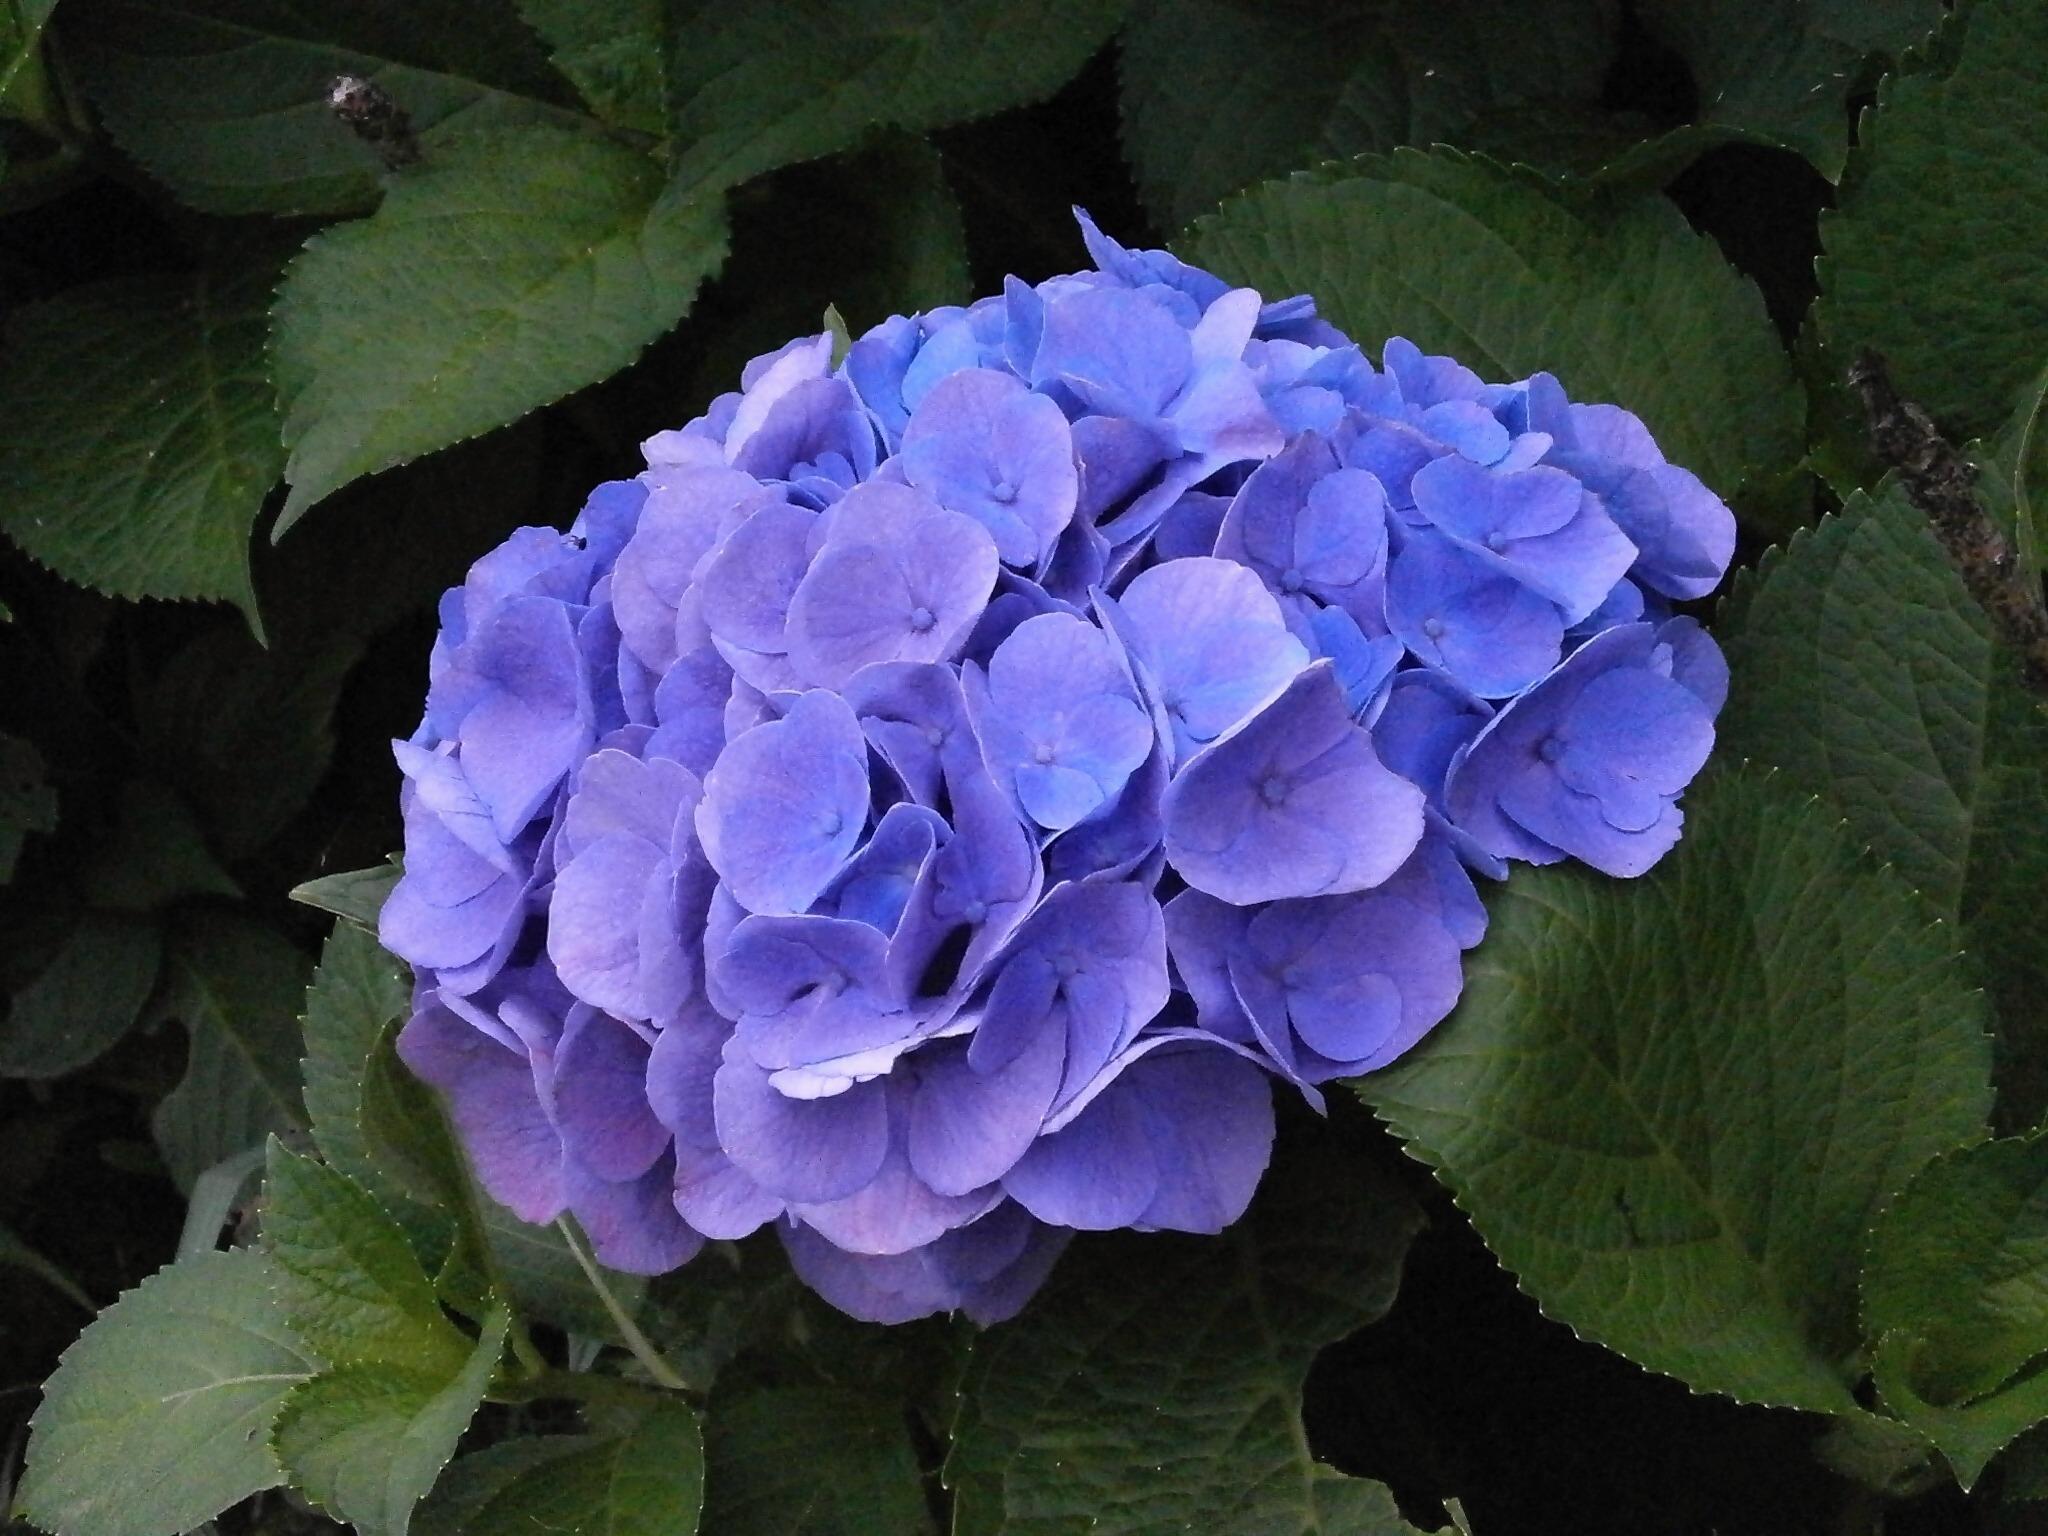 fotos gratis   flor  p u00e9talo  hortensia  flores moradas  flores de verano  flores azules  planta